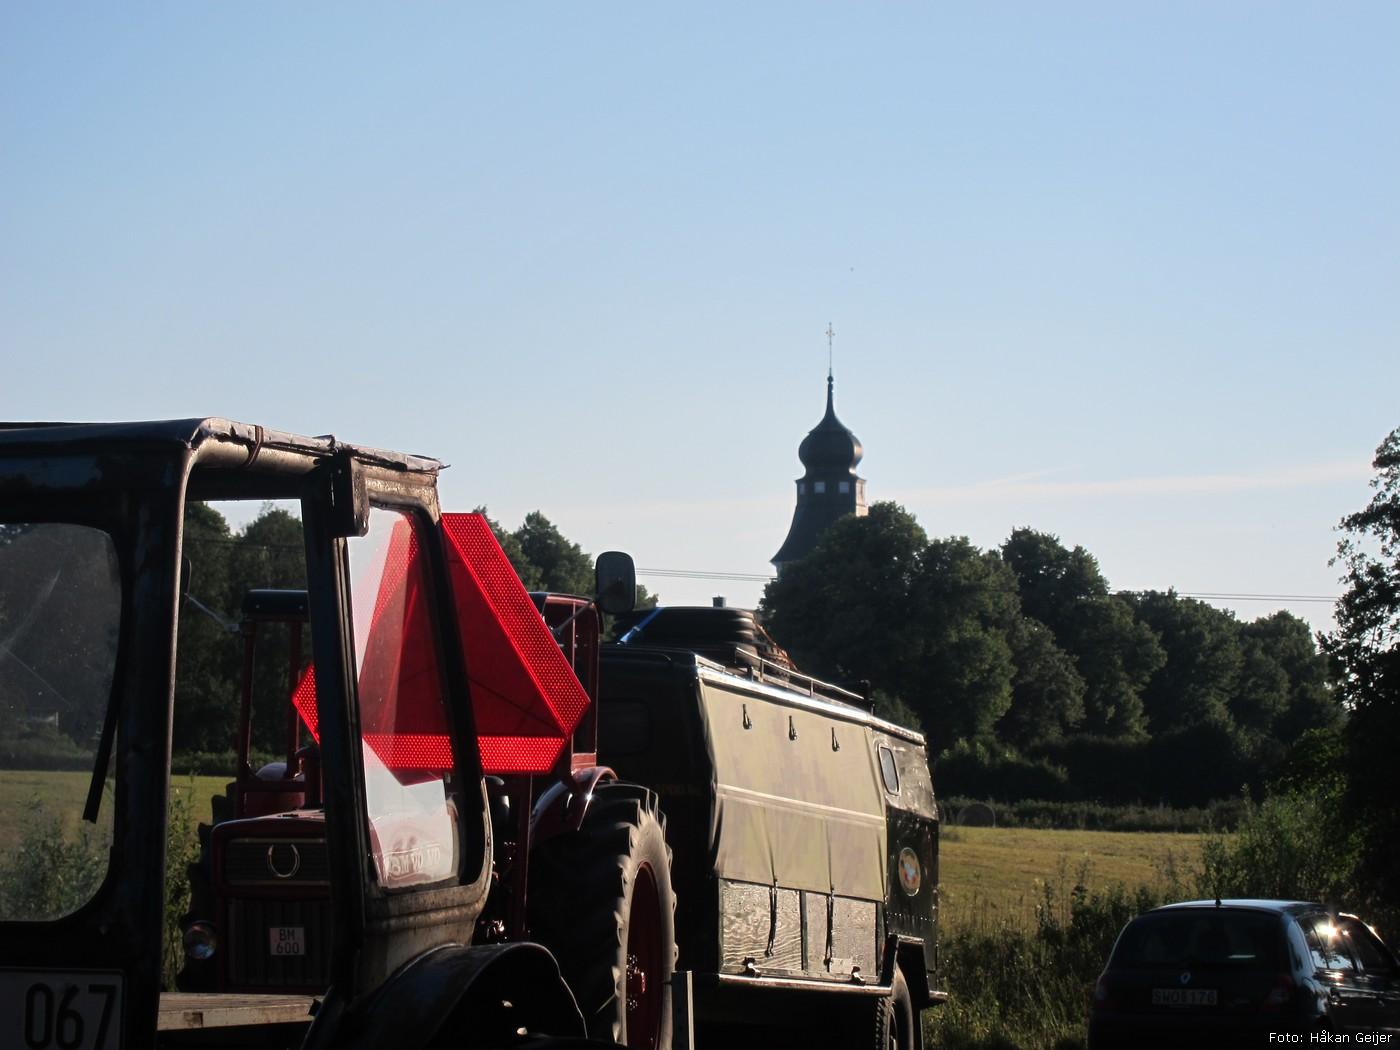 2012-07-27_71_Traktorresa